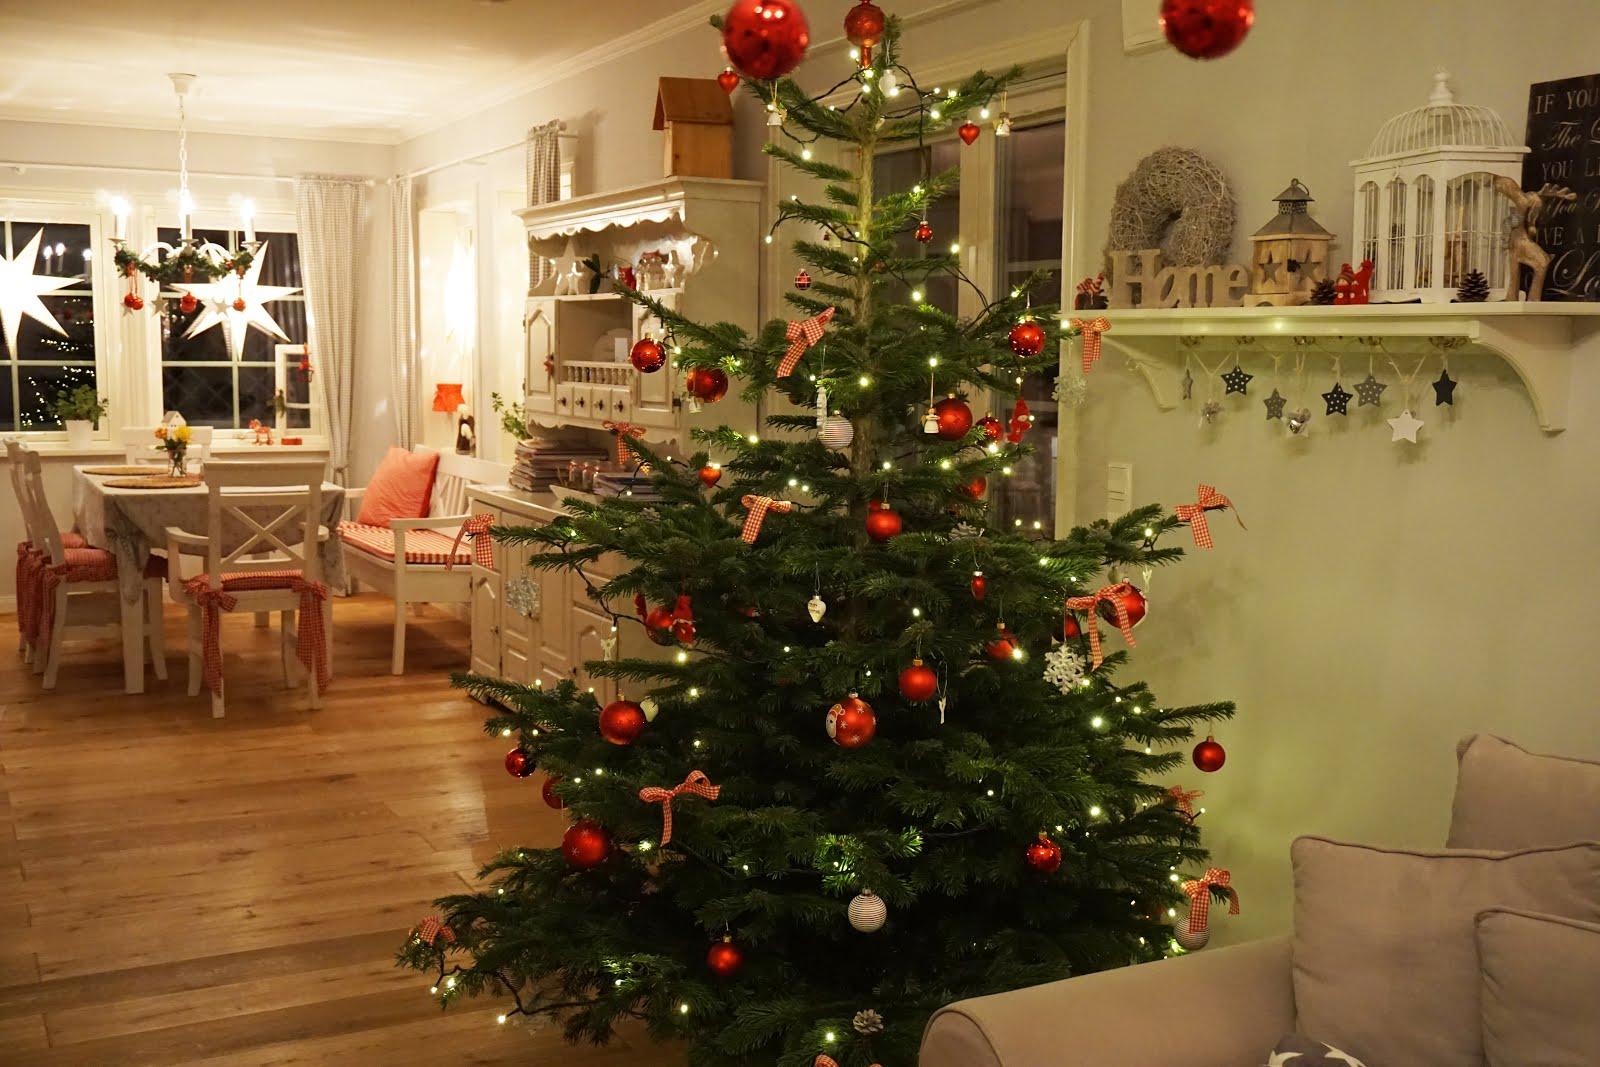 kleine lotta unser schwedenhaus unser weihnachtsbaum. Black Bedroom Furniture Sets. Home Design Ideas